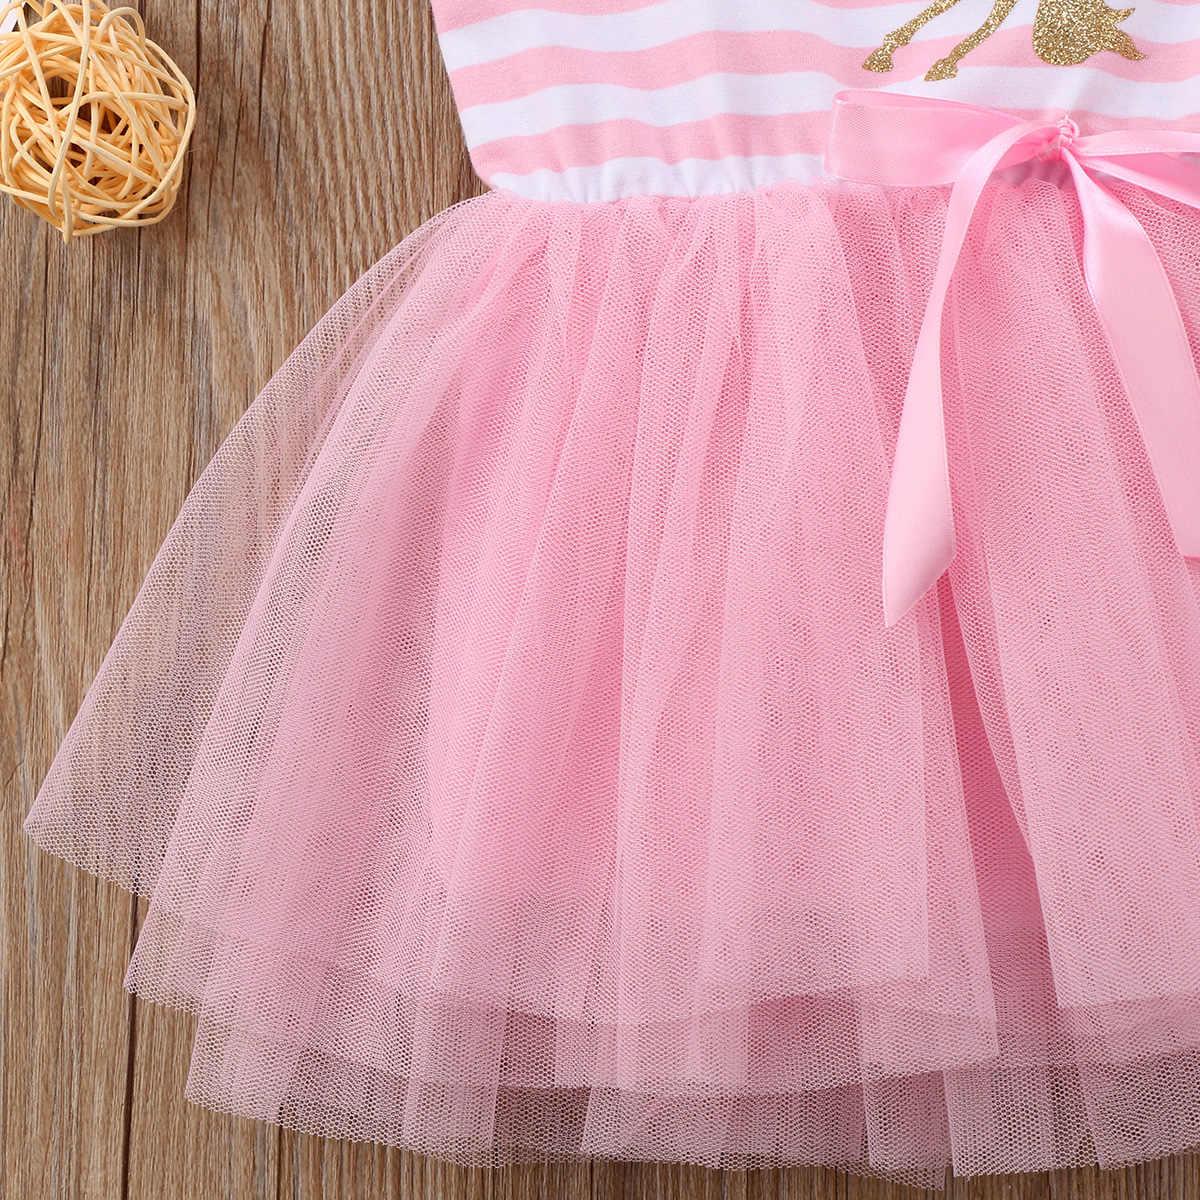 Pudcoco 2019 довольно маленькая девочка Единорог для малышей платье детский летний полосатый Сарафан розовый сетка тюль вечерние свадебное платье-пачка летнее платье